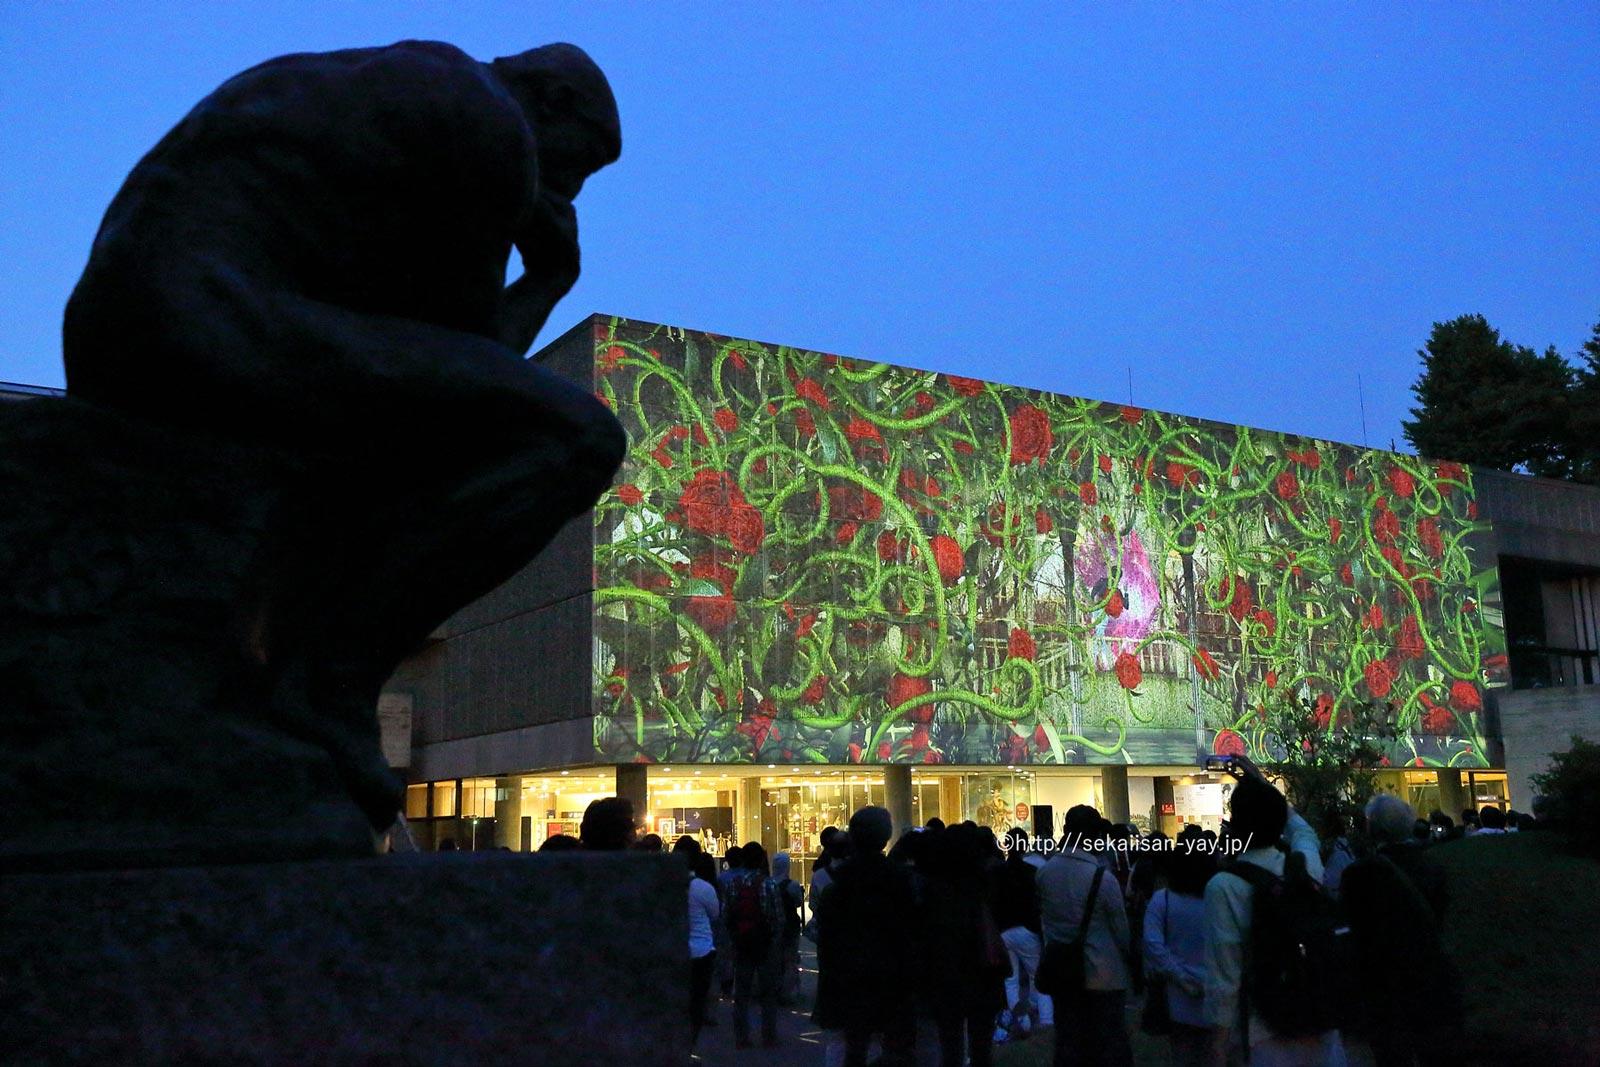 「ル・コルビュジェの建築作品‐近代建築運動への顕著な貢献」 - 国立西洋美術館(本館)